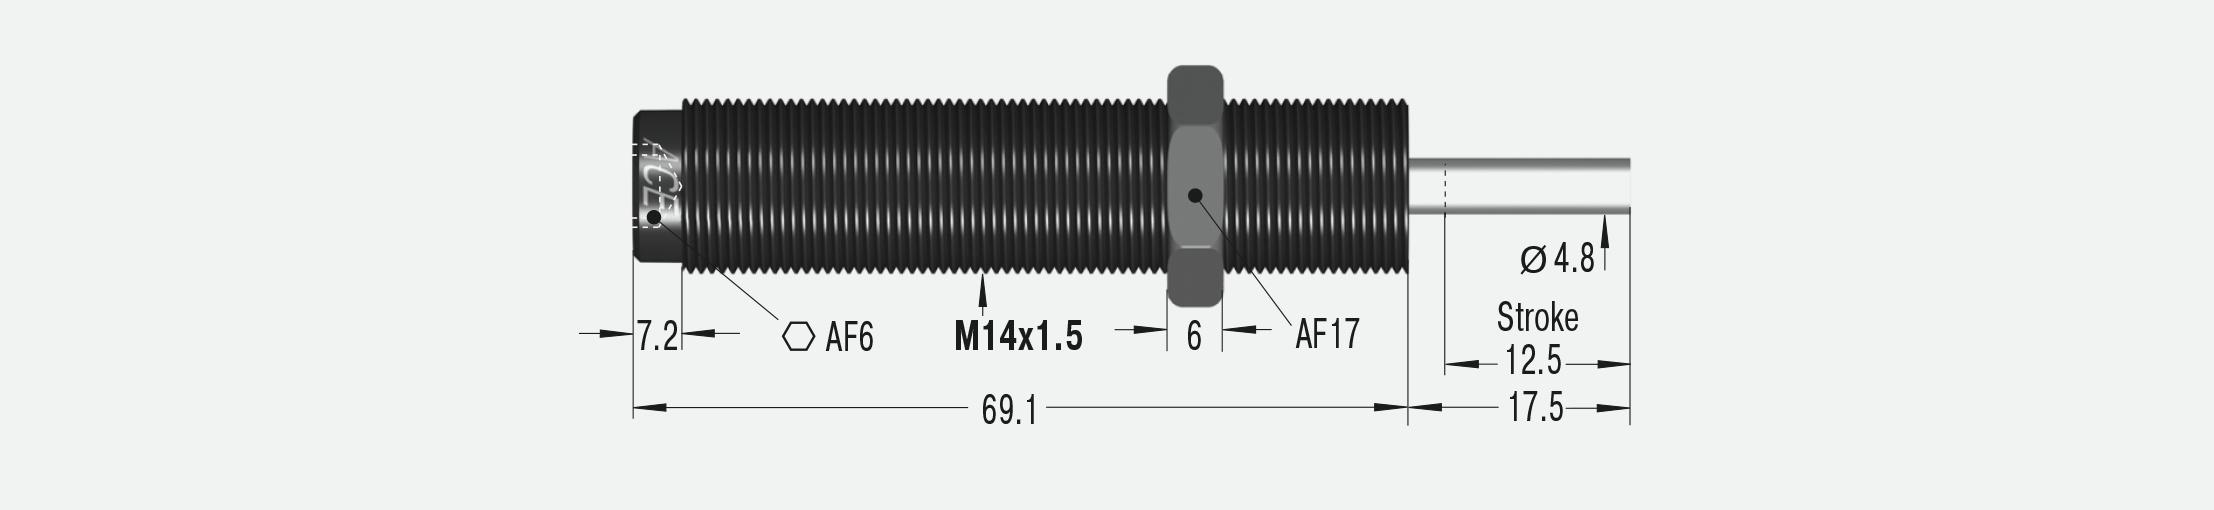 MC150EUMH2